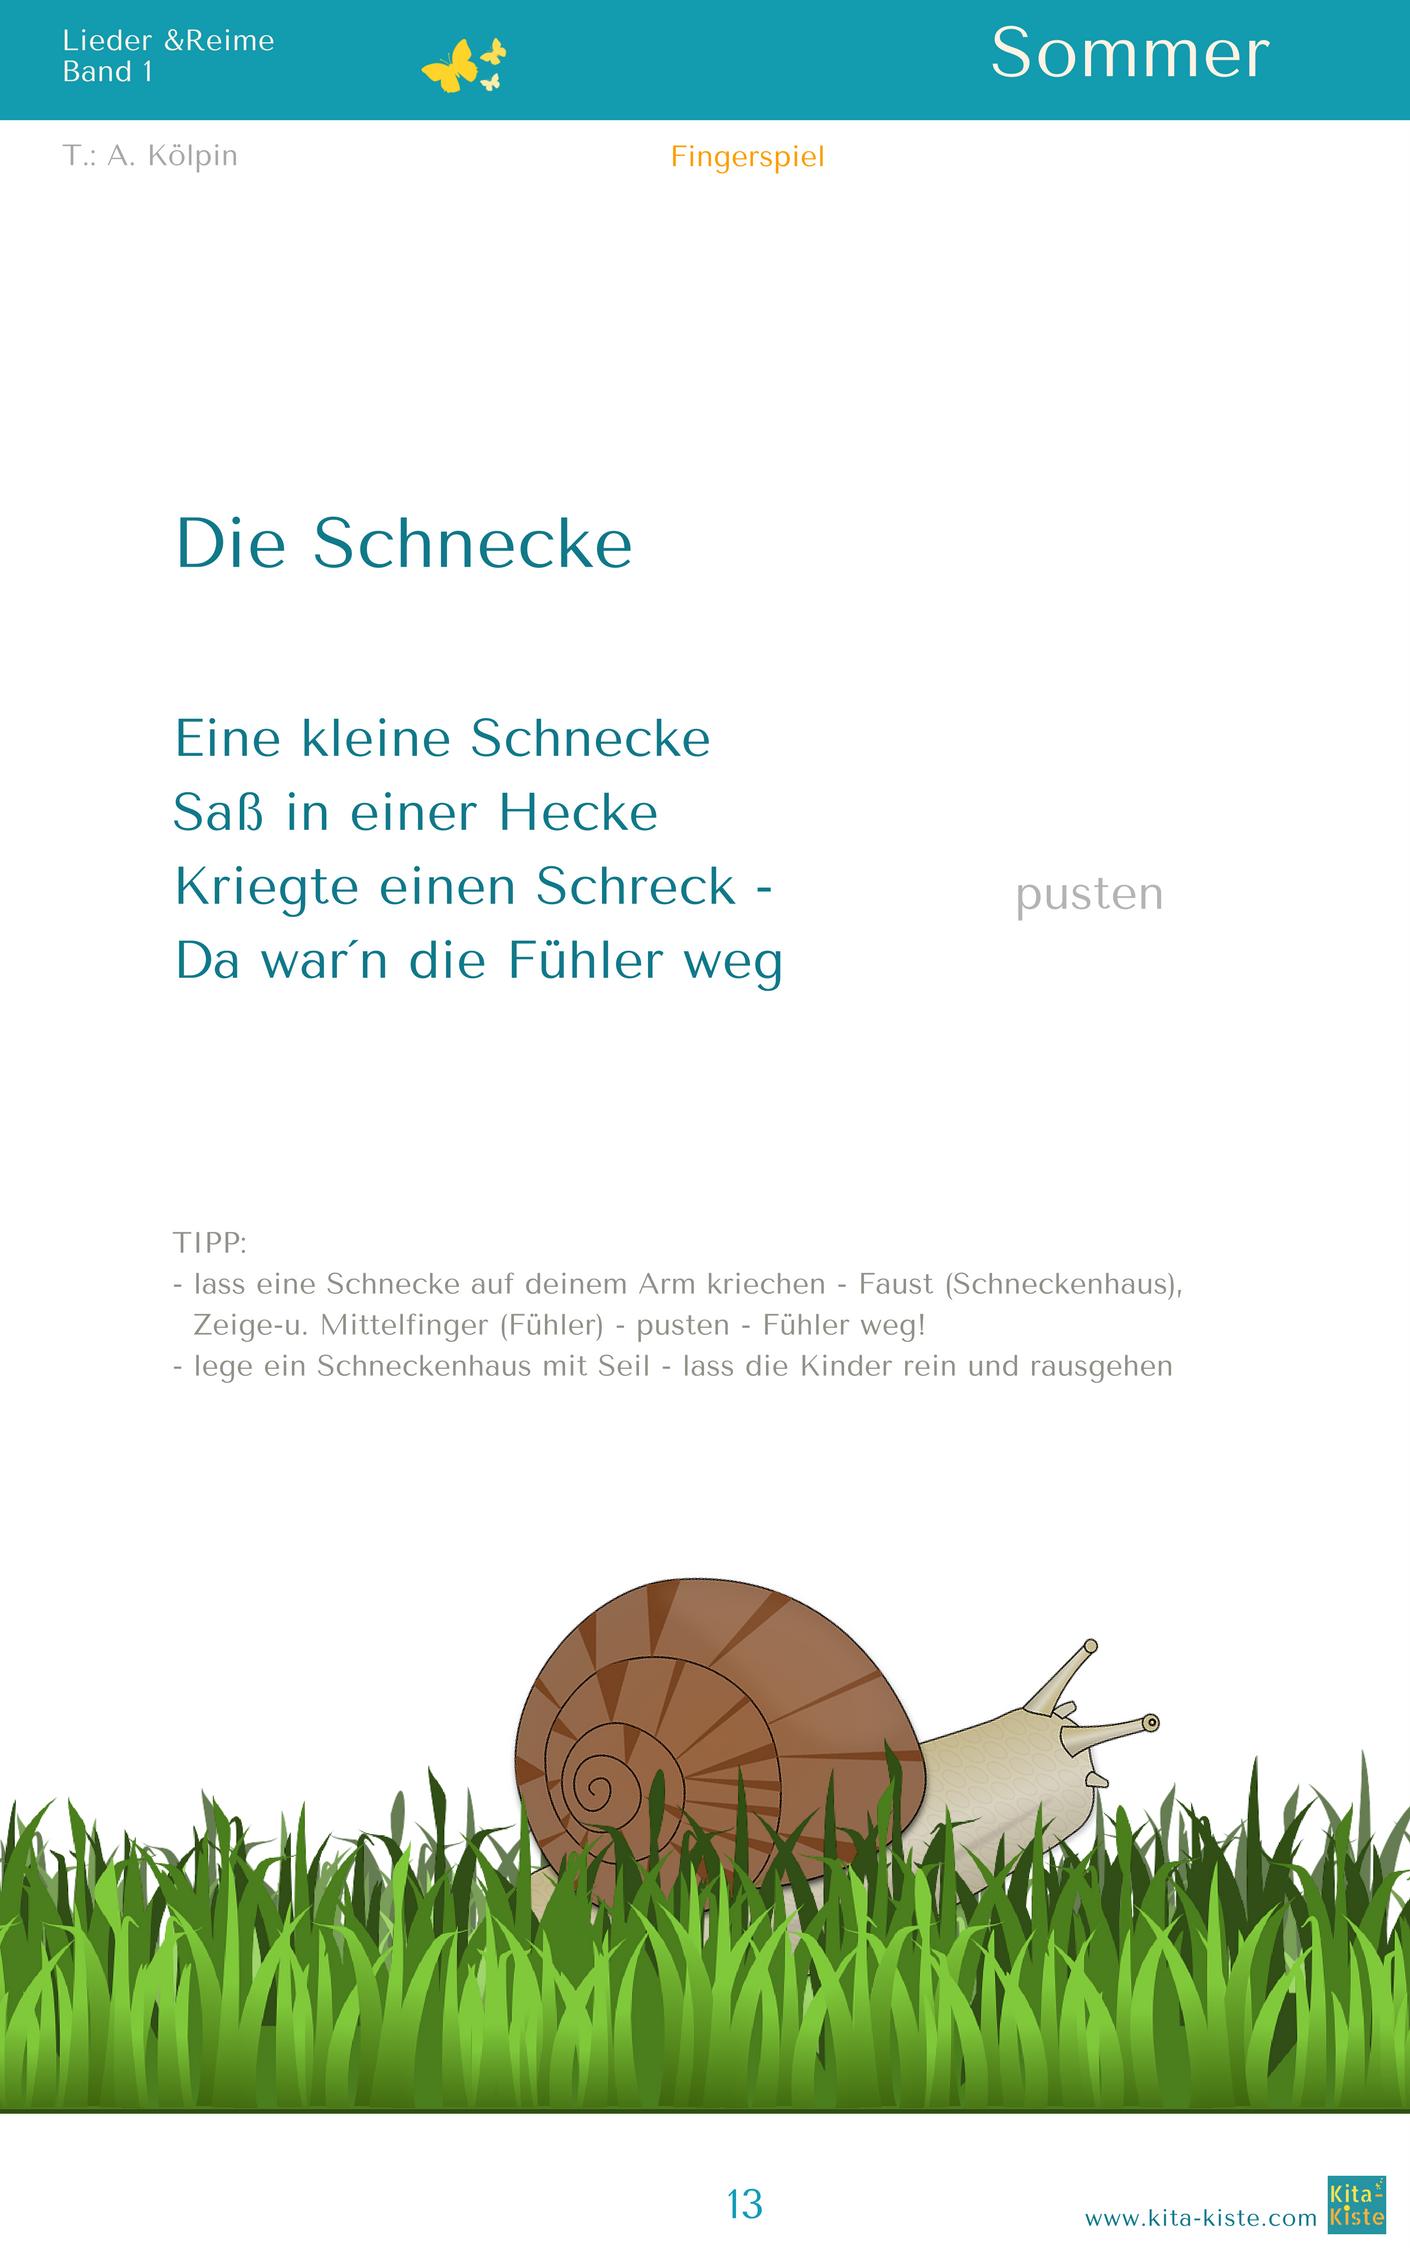 Kleine Schnecke Text